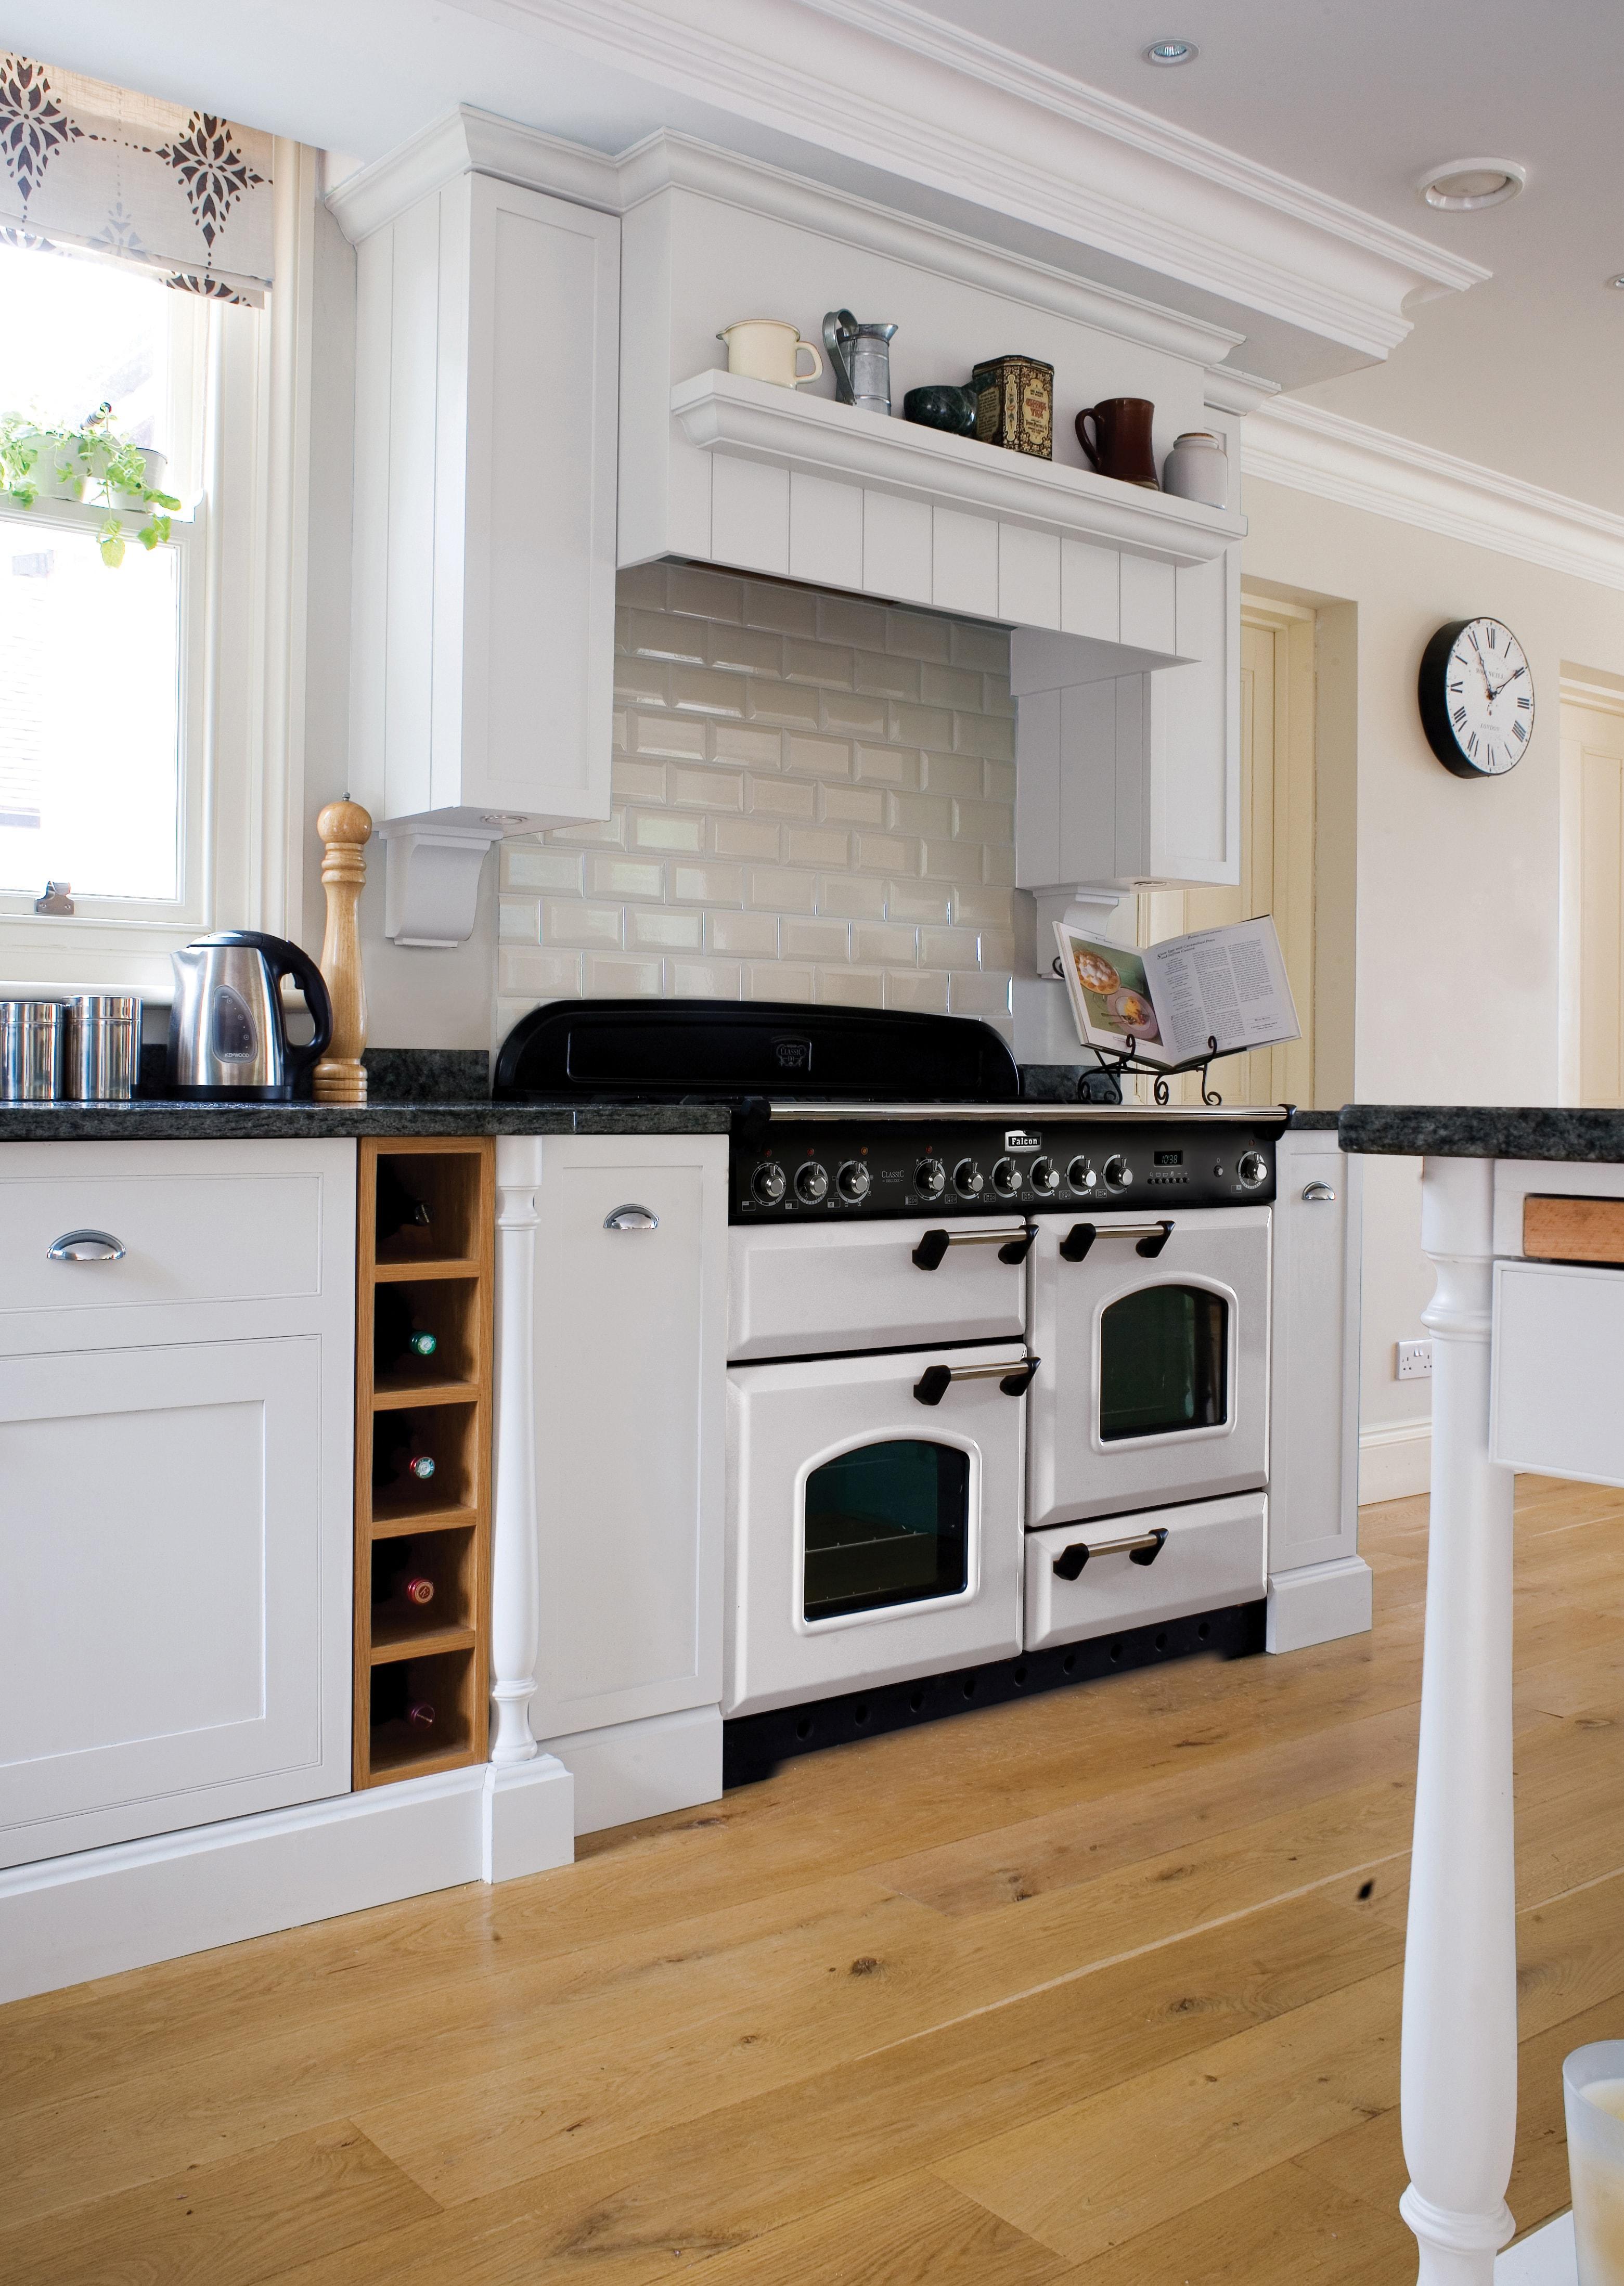 Falcon Küche der falcon deluxe küche falcon couchstyle